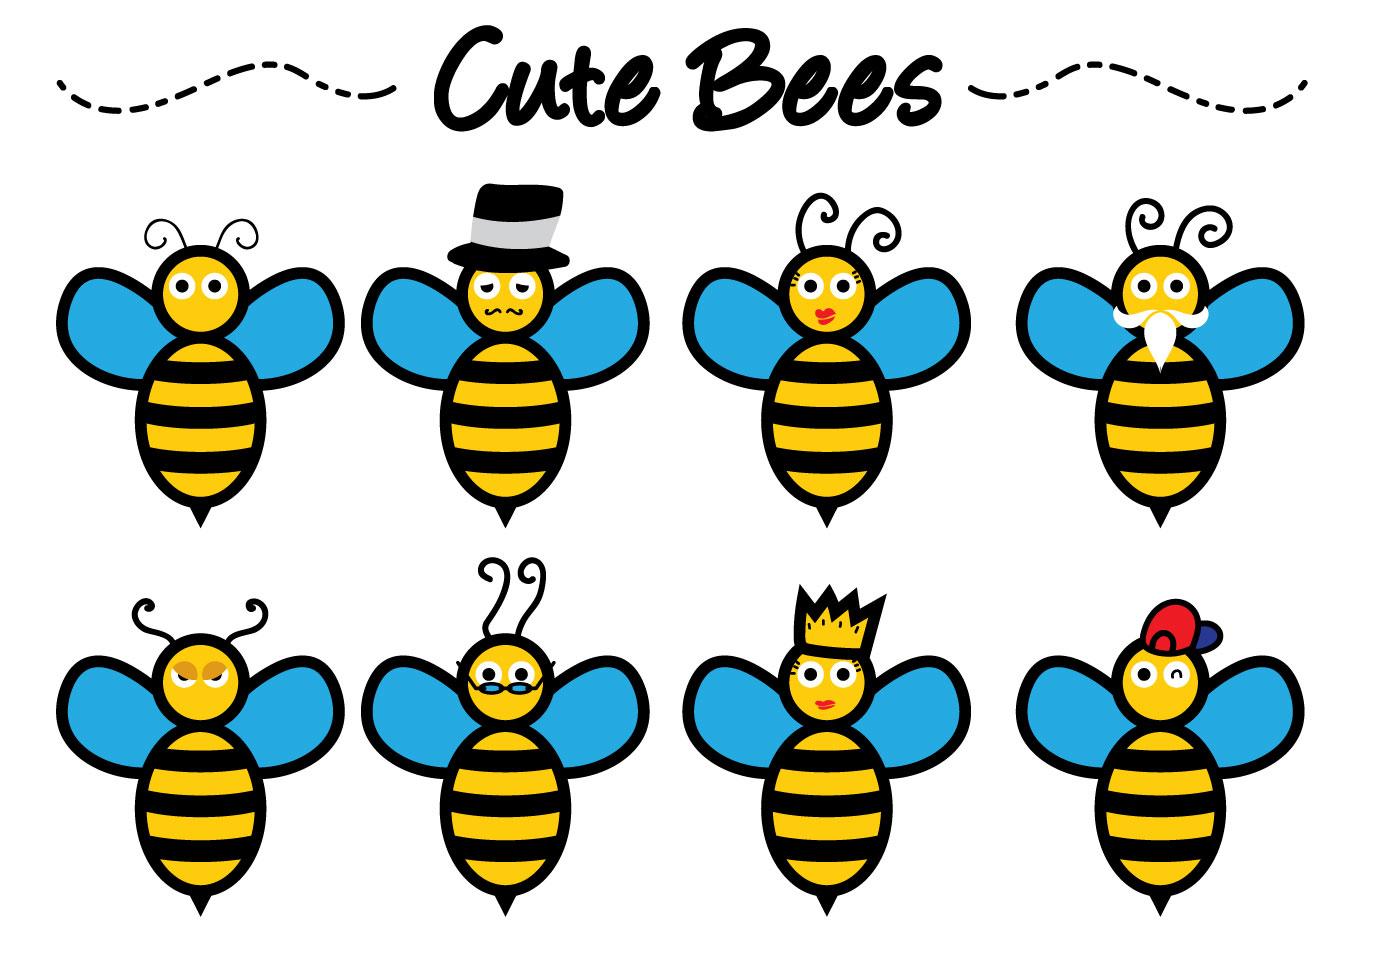 Cute Bee Vectors - Download Free Vectors, Clipart Graphics ...